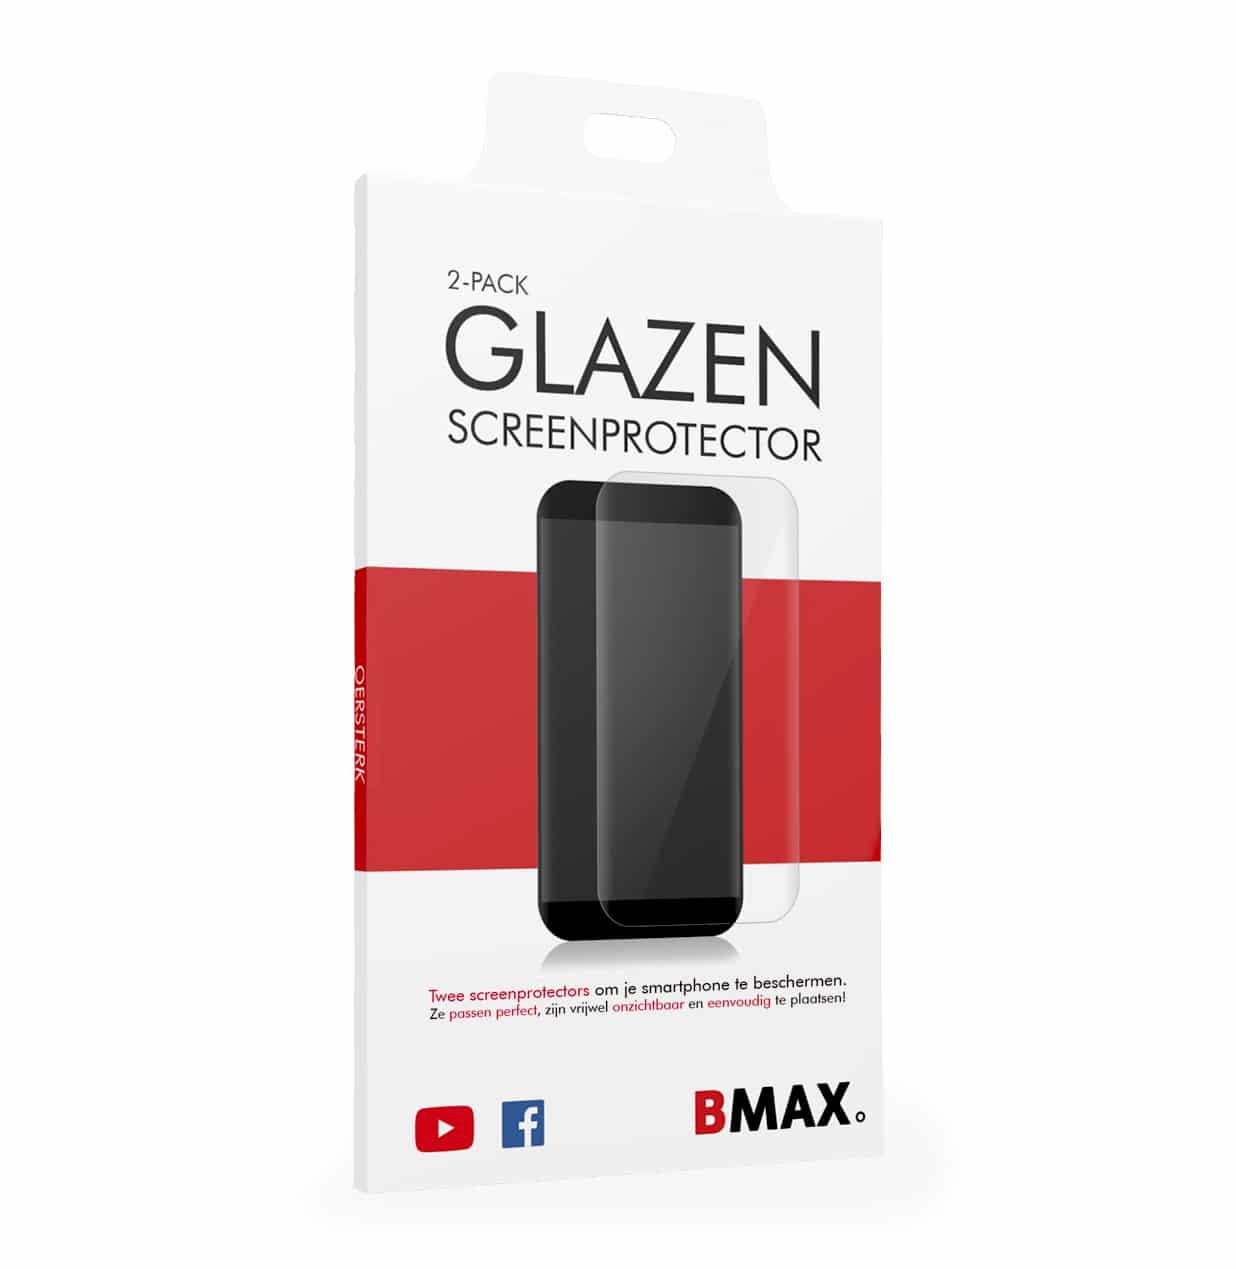 voorkant verpakking BMAX screenprotector